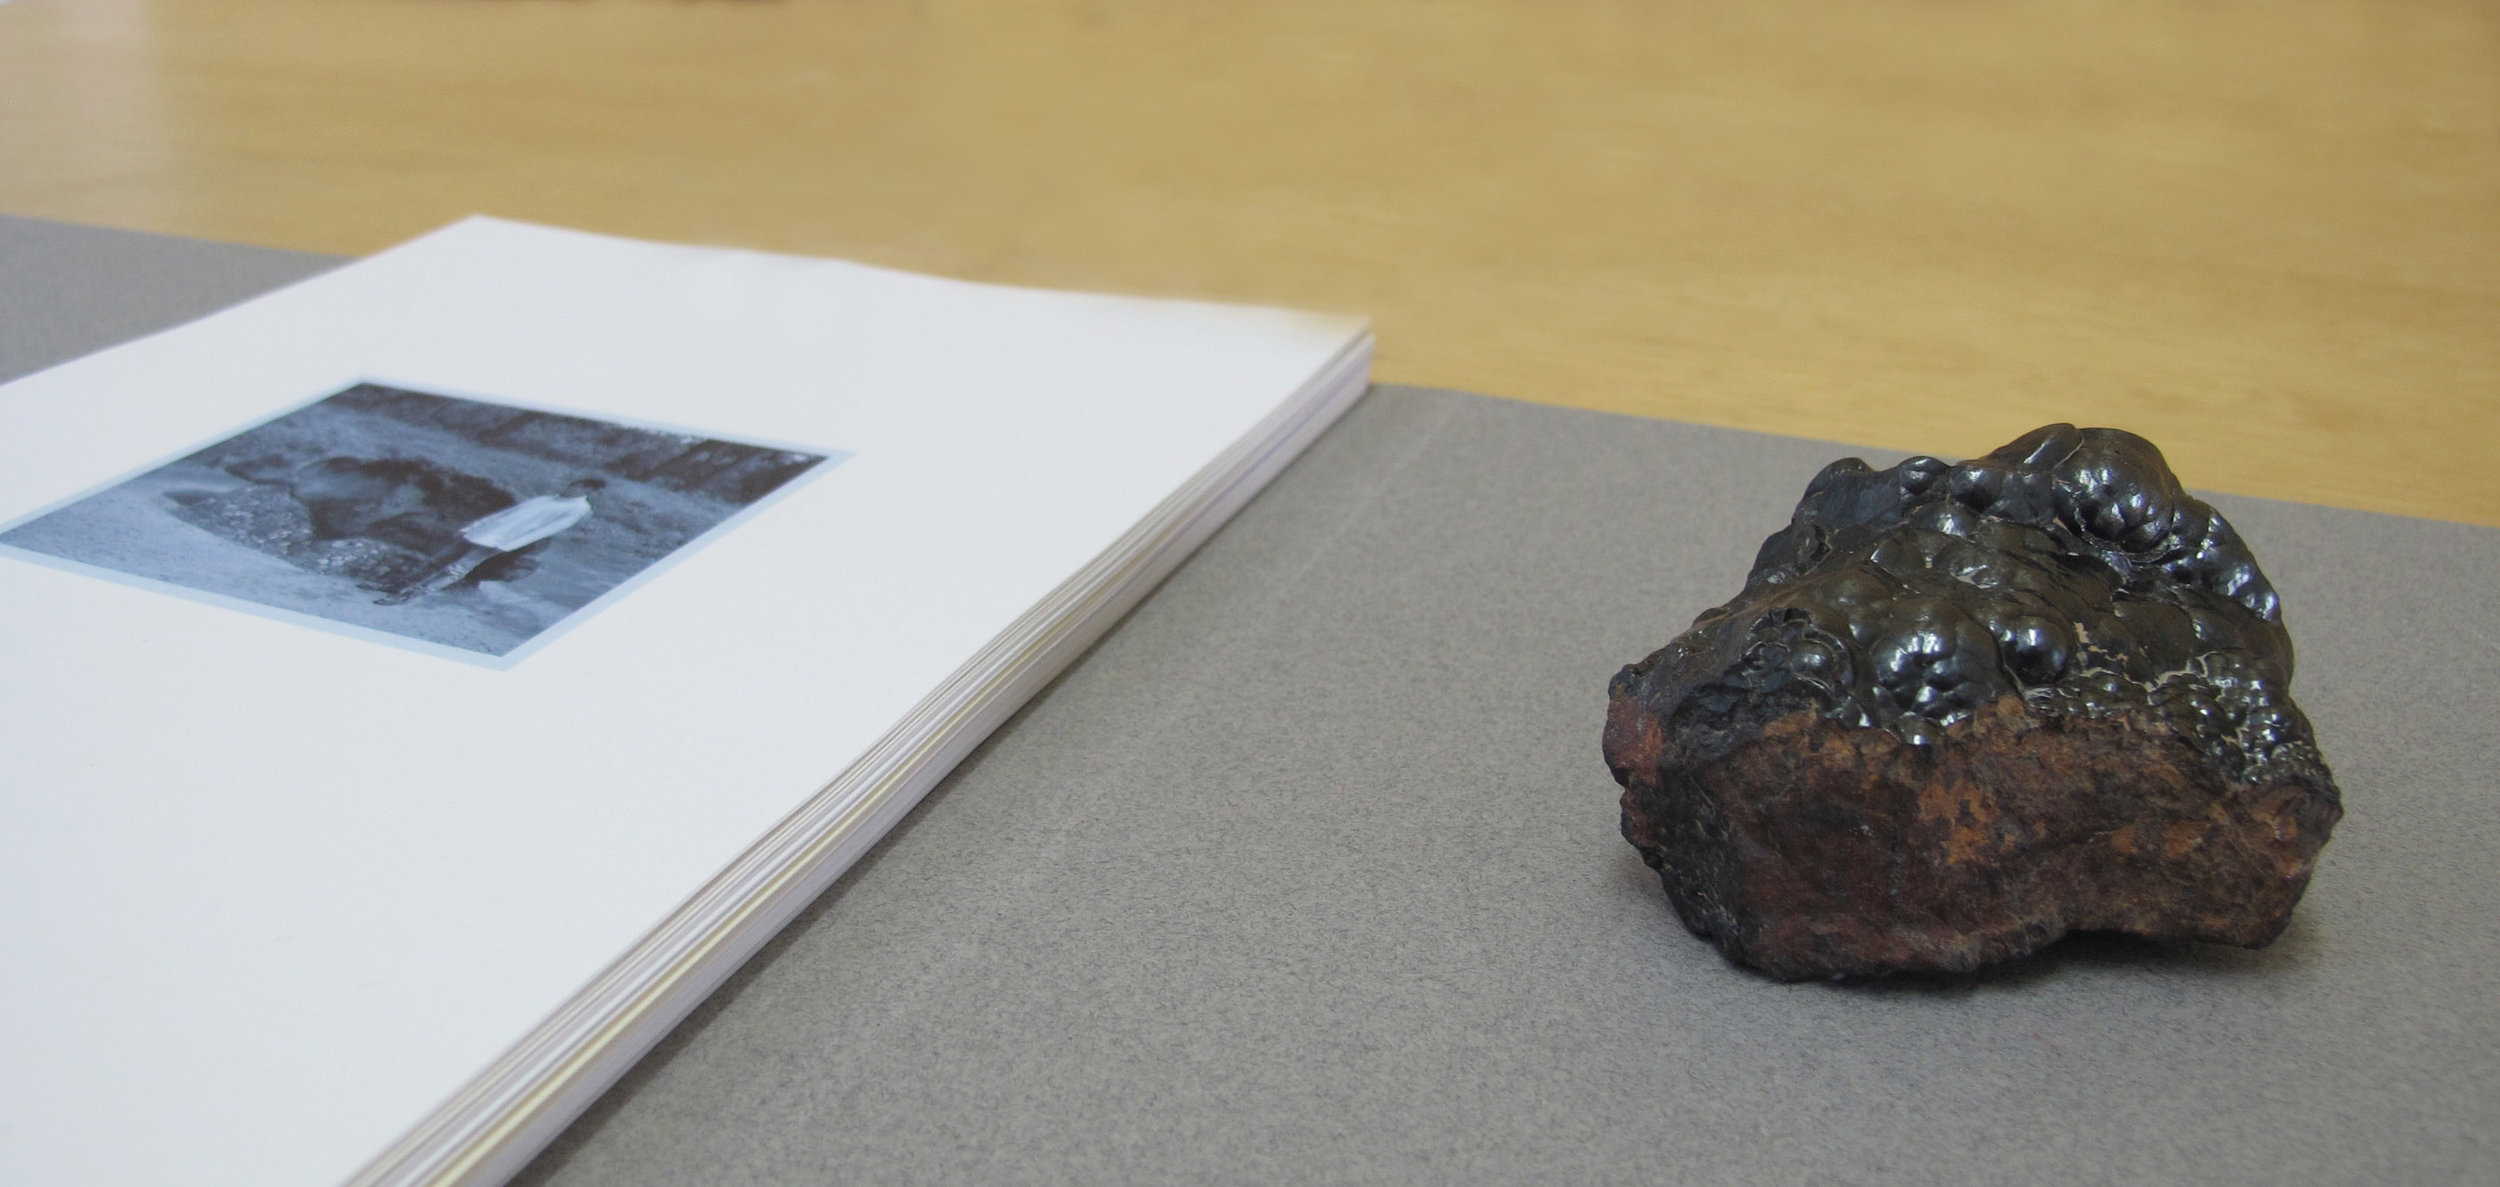 """""""Caídos del cielo""""   impresión digital + piedra Goetita Ematite   Impresión: 17 x 20,7 cm ; Piedra: 4,5 x 4 x 4 cm   Serie de 61 impresiones   2015"""